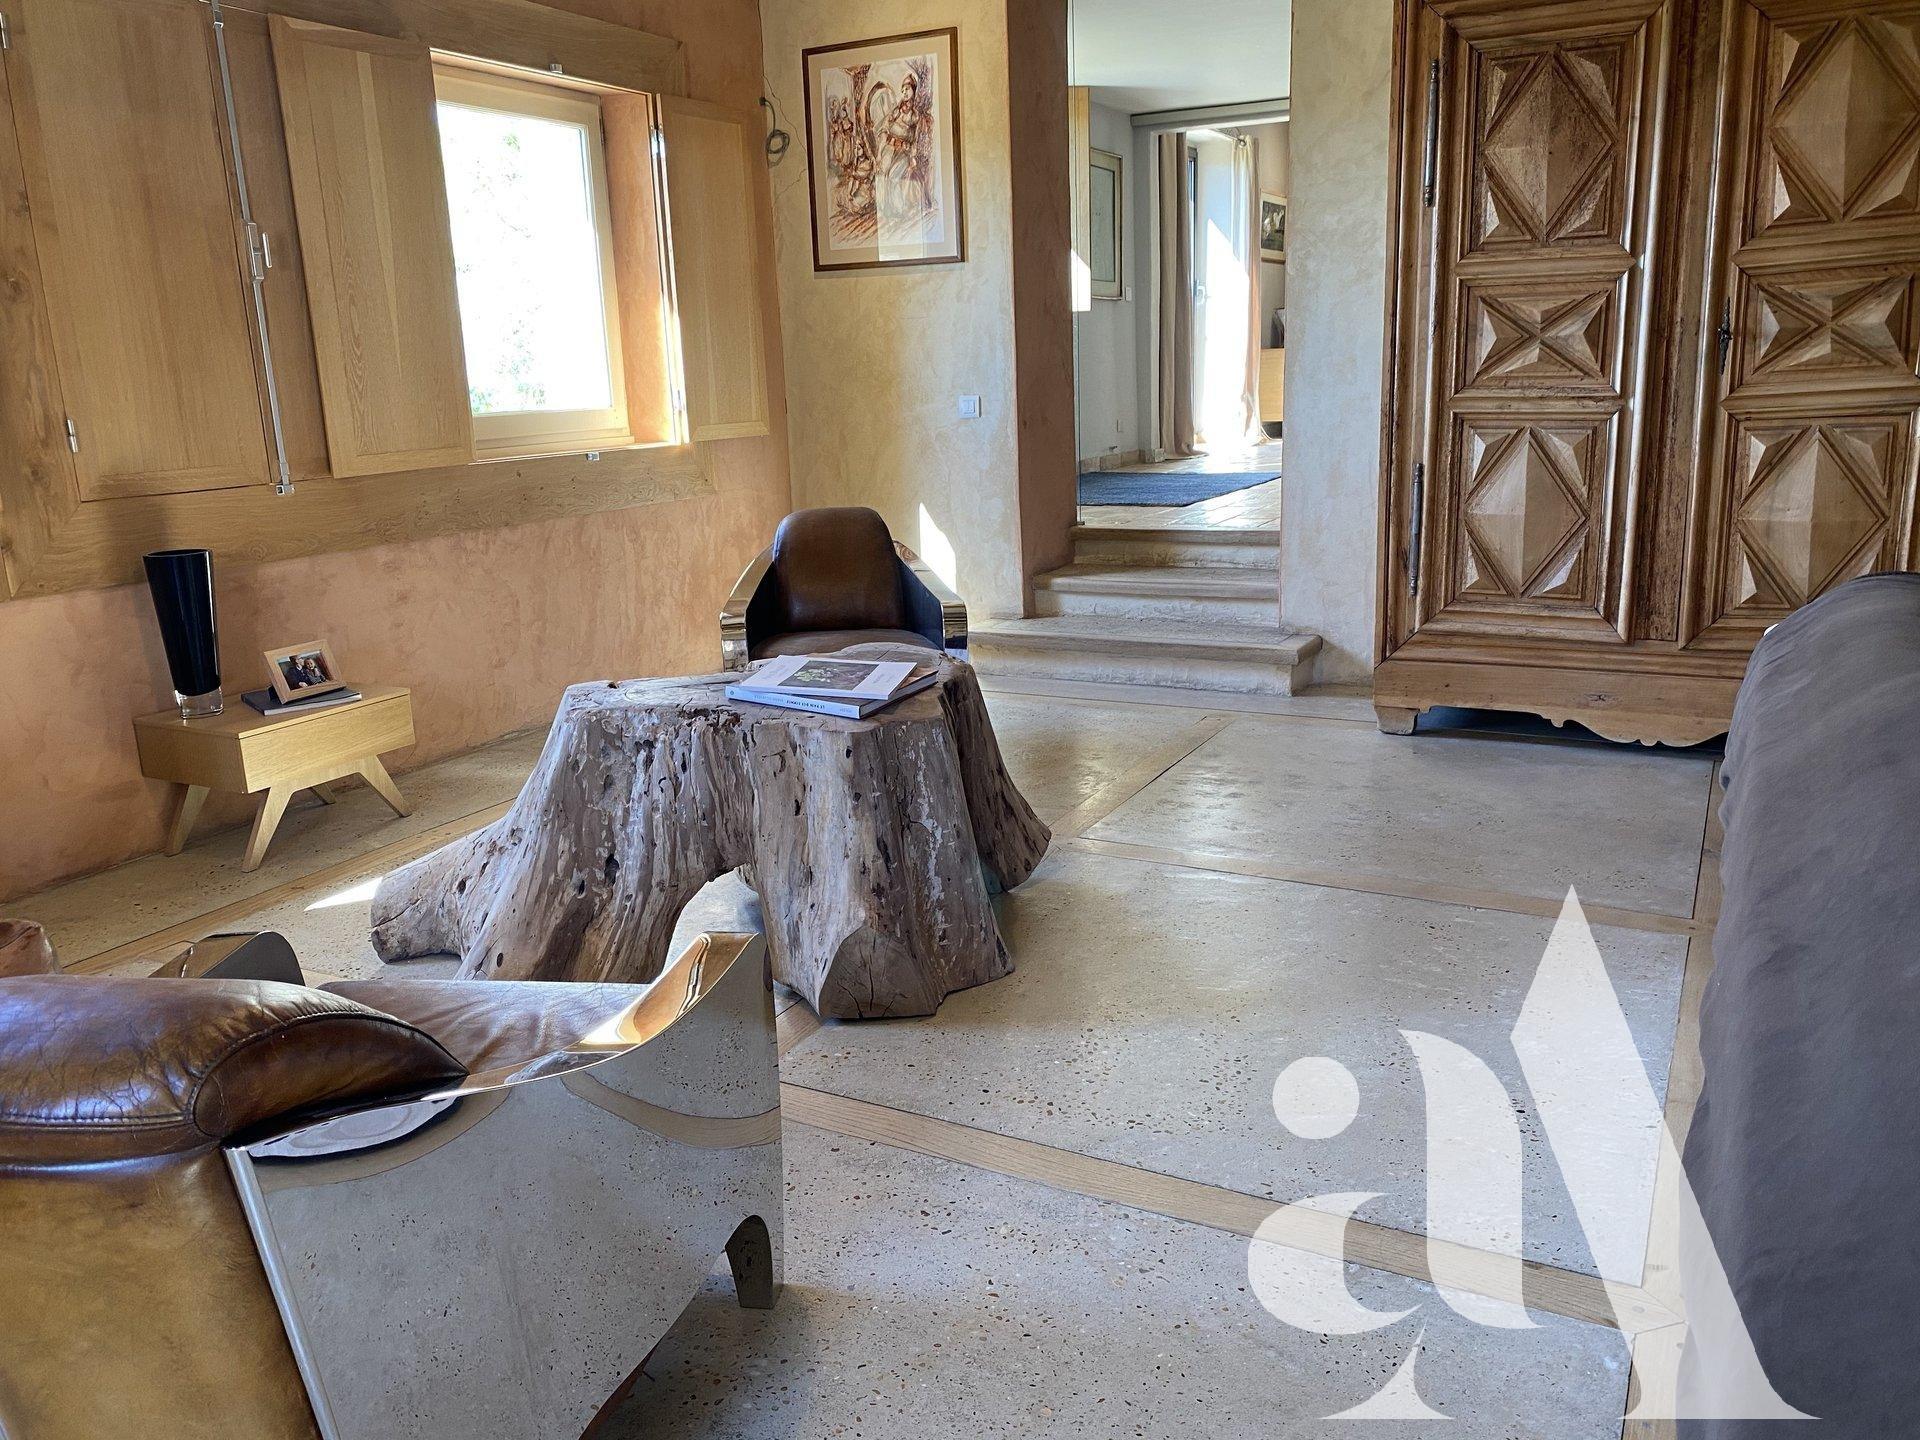 LE MAS DU BUIS - GORDES - LUBERON - 2 chambres -